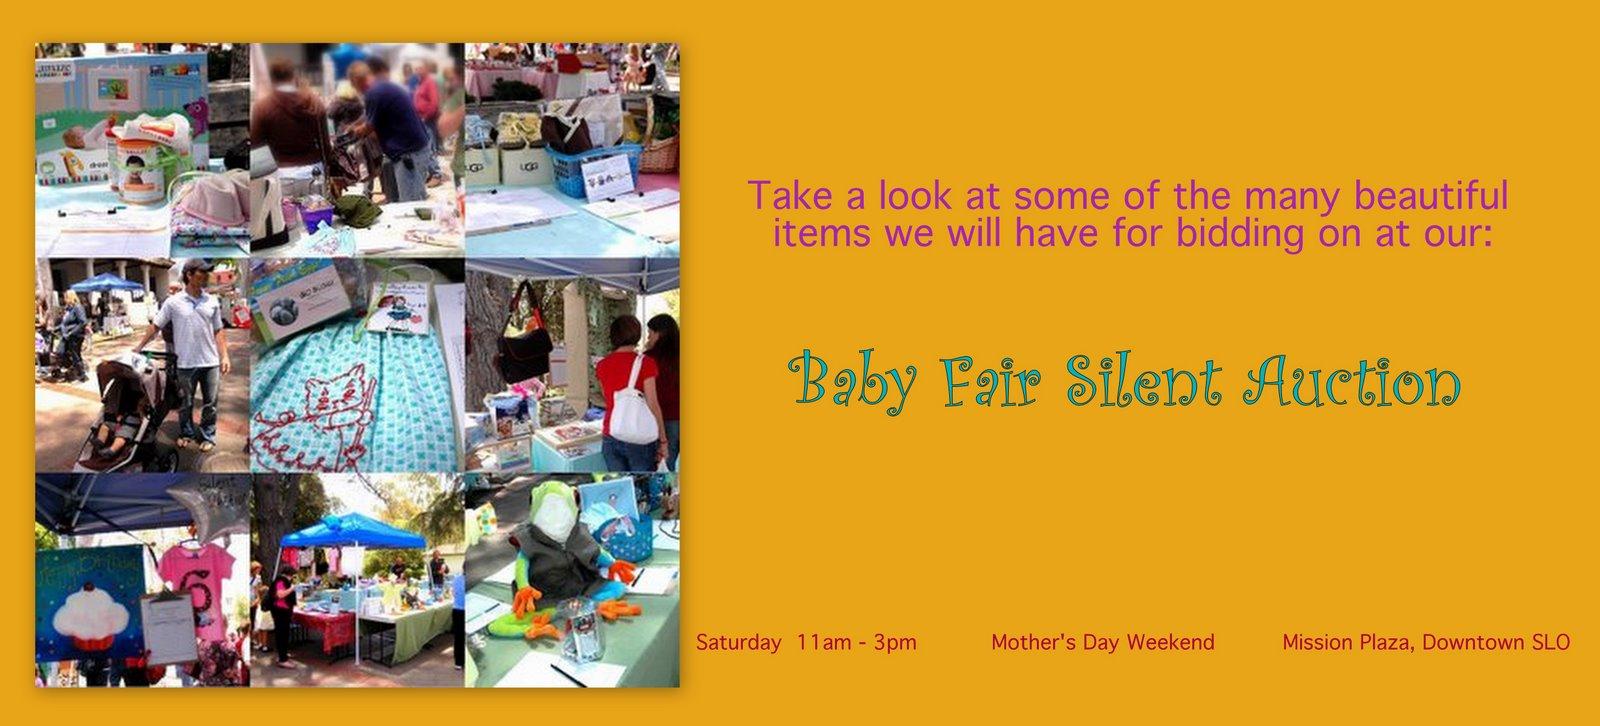 2009 Baby Fair Silent Auction